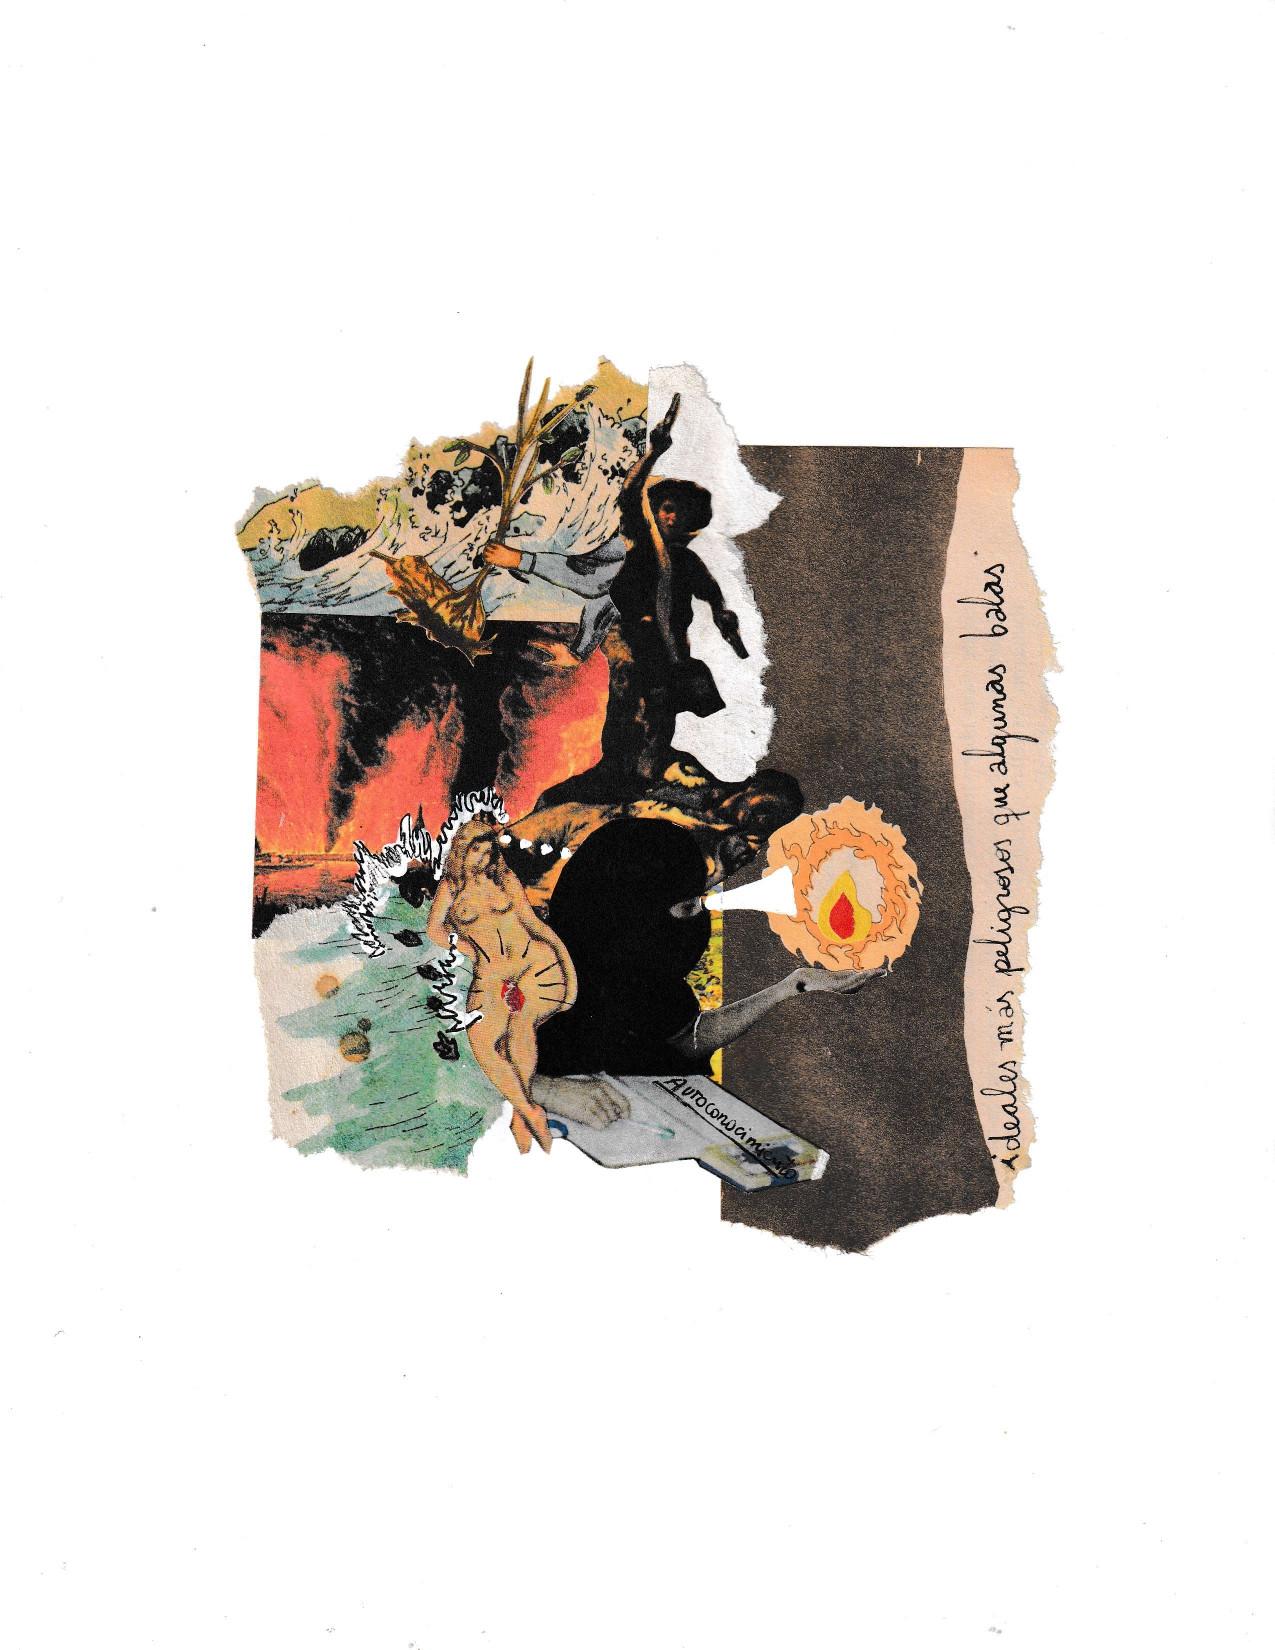 Revolución - Valentina Medina